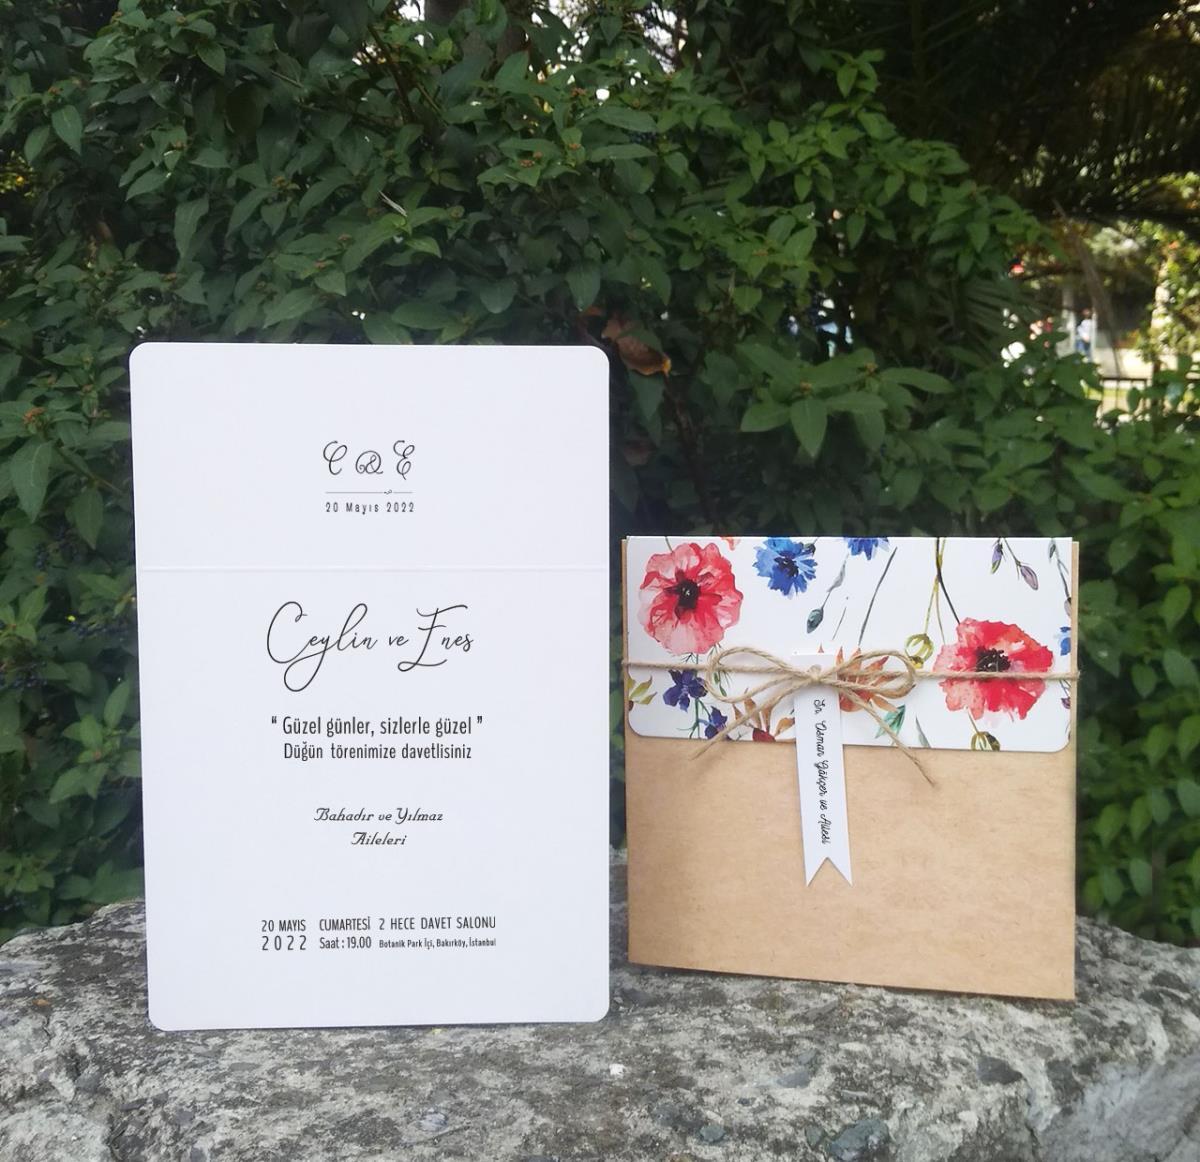 Kraft Cep Zarflı, Kırmızı Çiçek Motifli düğün davetiyesi. Vintage kesimli isimlik kart ve ham ip aksesuarlıdır.